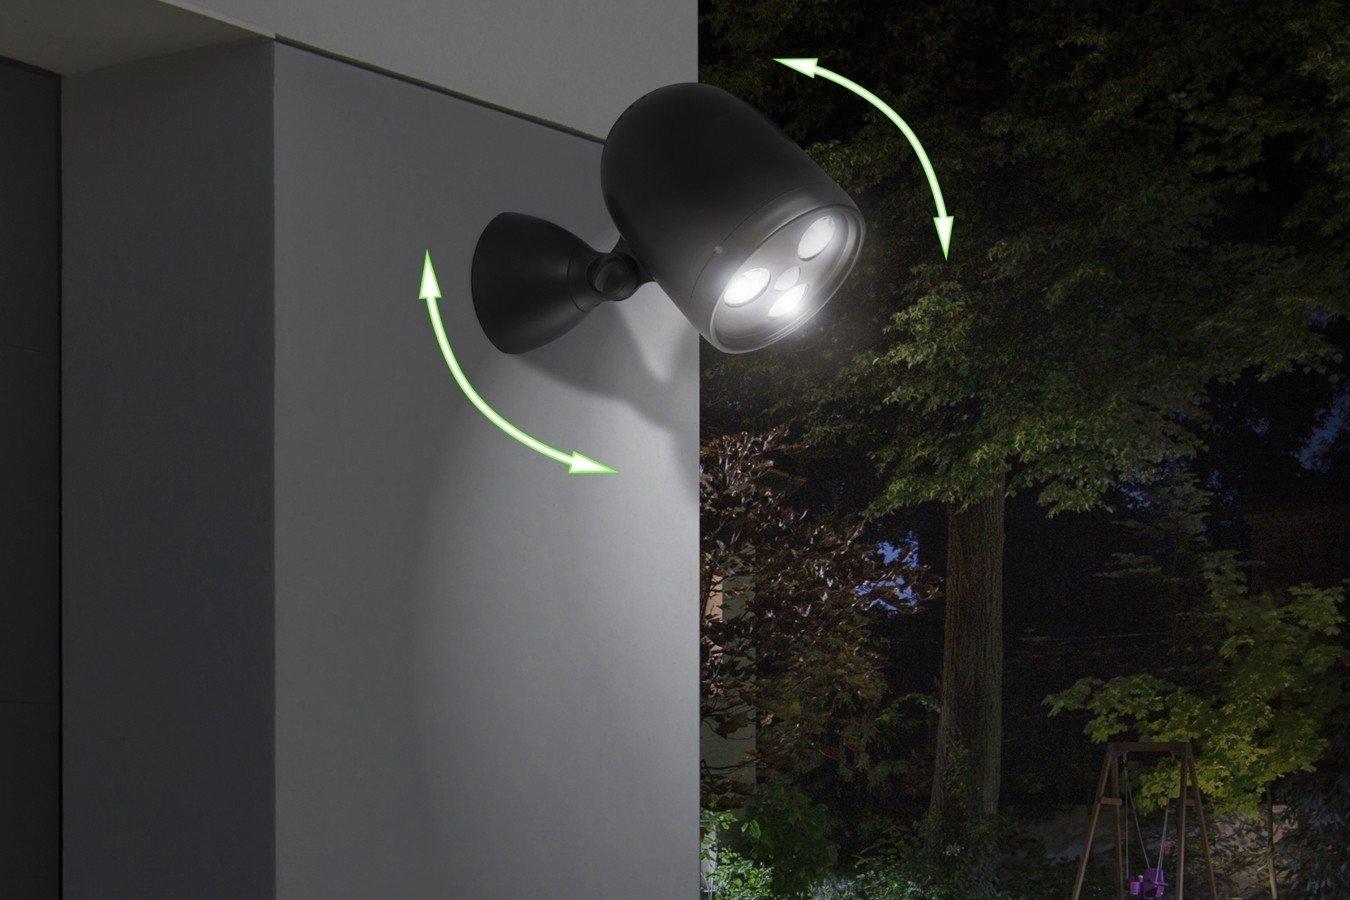 Iluminaci/ón de Seguridad Giratoria de 360/° de Pared Foco Inal/ábrico LED para Exteriores Patio Camino Para Jard/ín LED LOVERS Sensor de Movimiento con Luz de Exterior Terraza Garaje